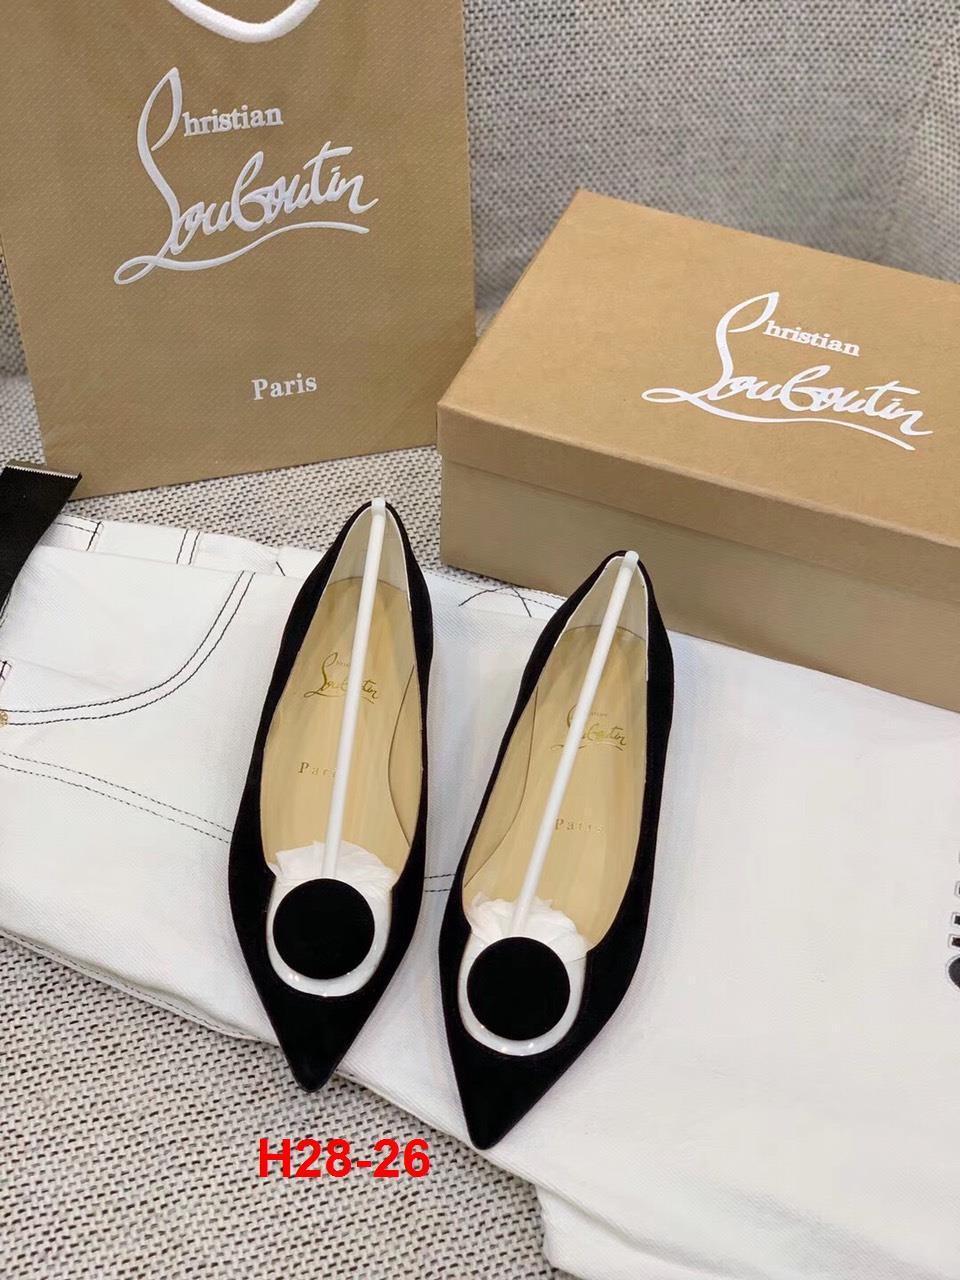 H28-26 Louboutin giày bệt siêu cấp